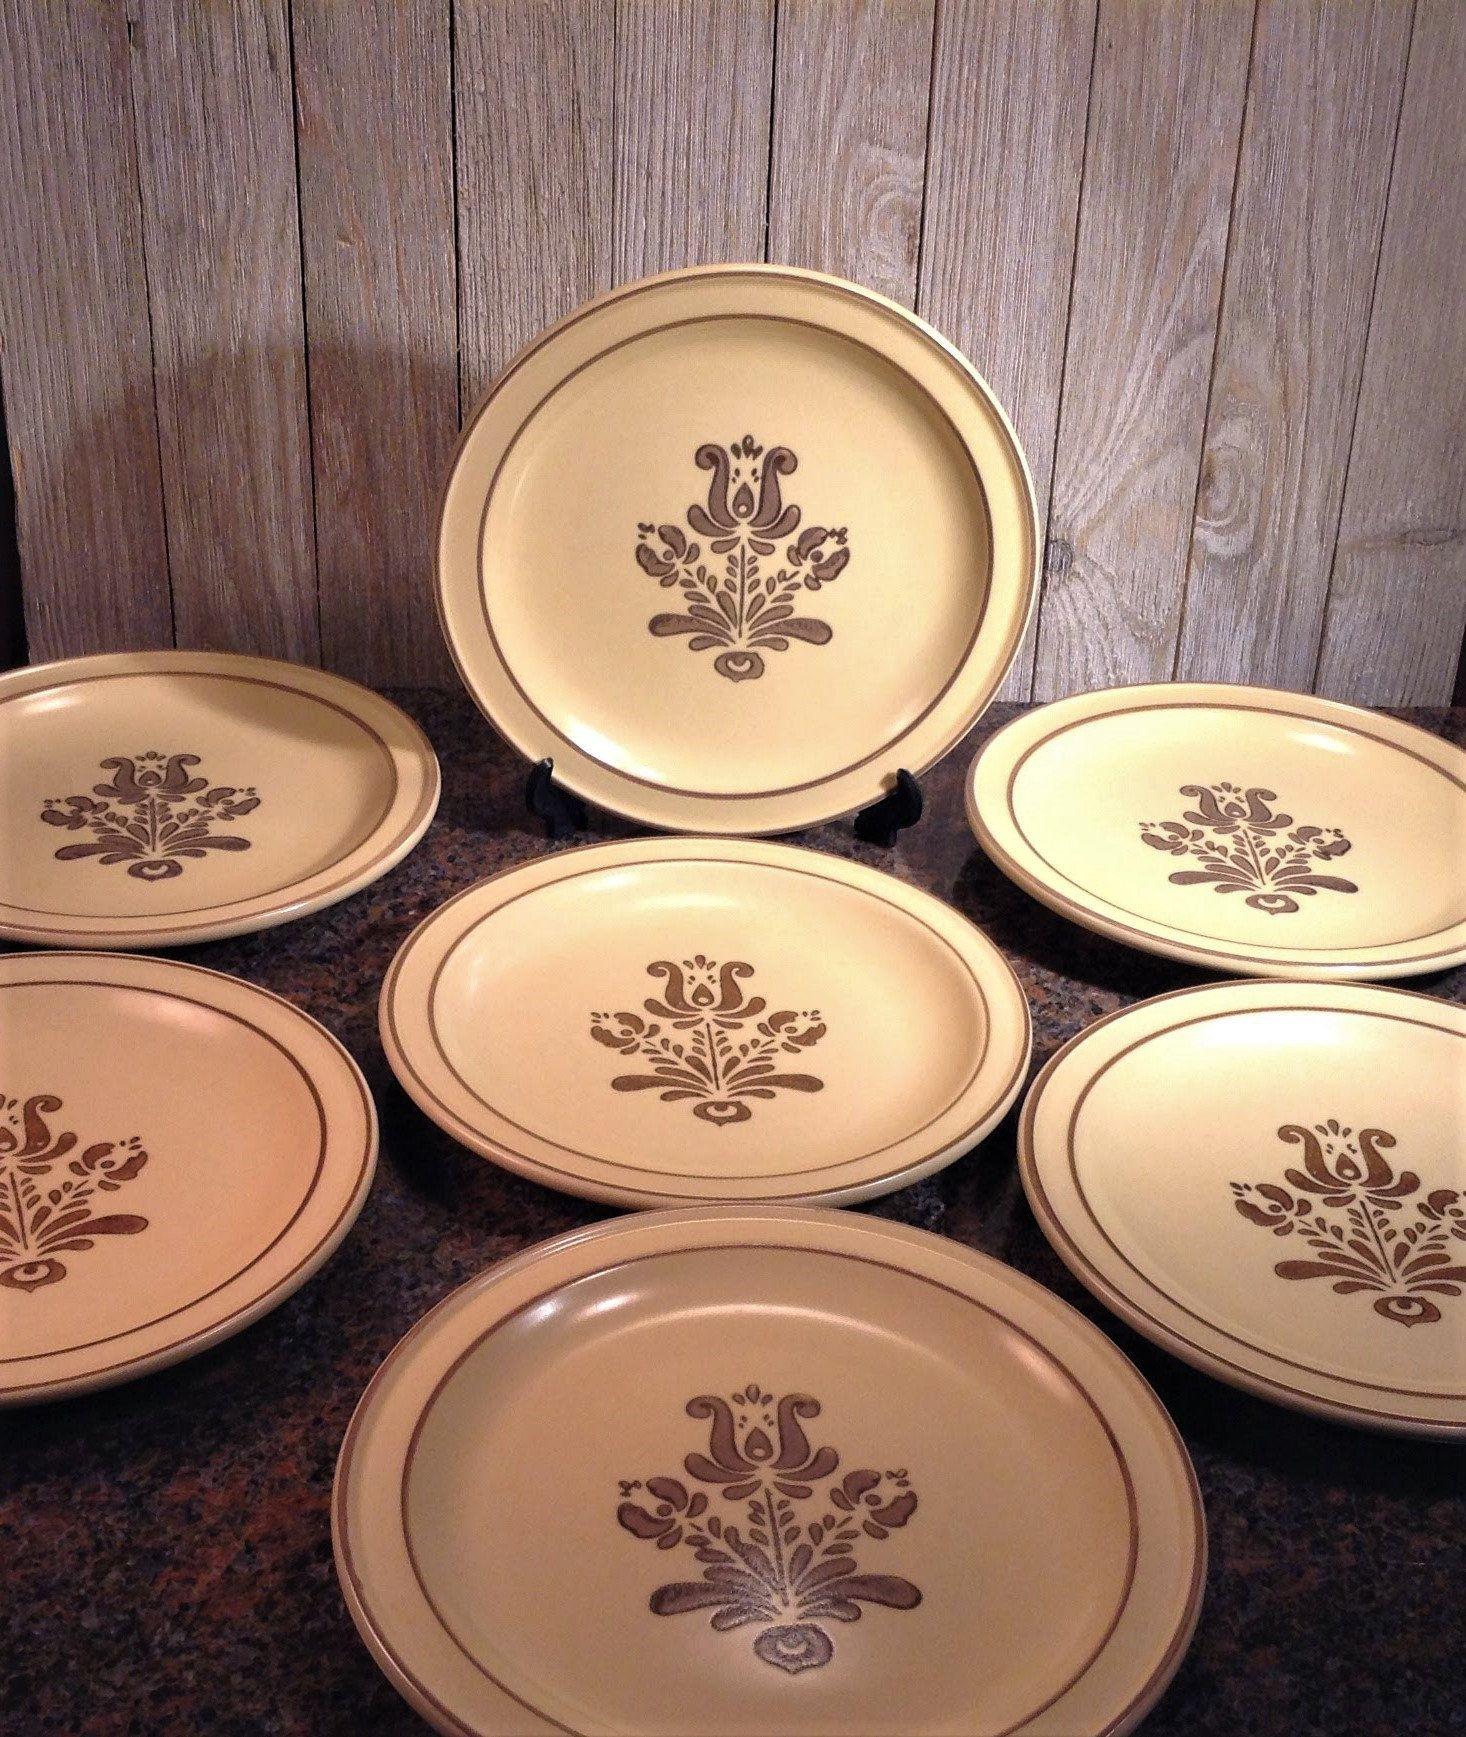 7 Pfaltzgraff Village Salad Plates Set Of 7 Vintage Pfaltzgraff Plates 7 1 8 Stoneware Dishes Dessert Bread Butter Plates Usa Stoneware Dishes Plates Pfaltzgraff [ 1737 x 1466 Pixel ]